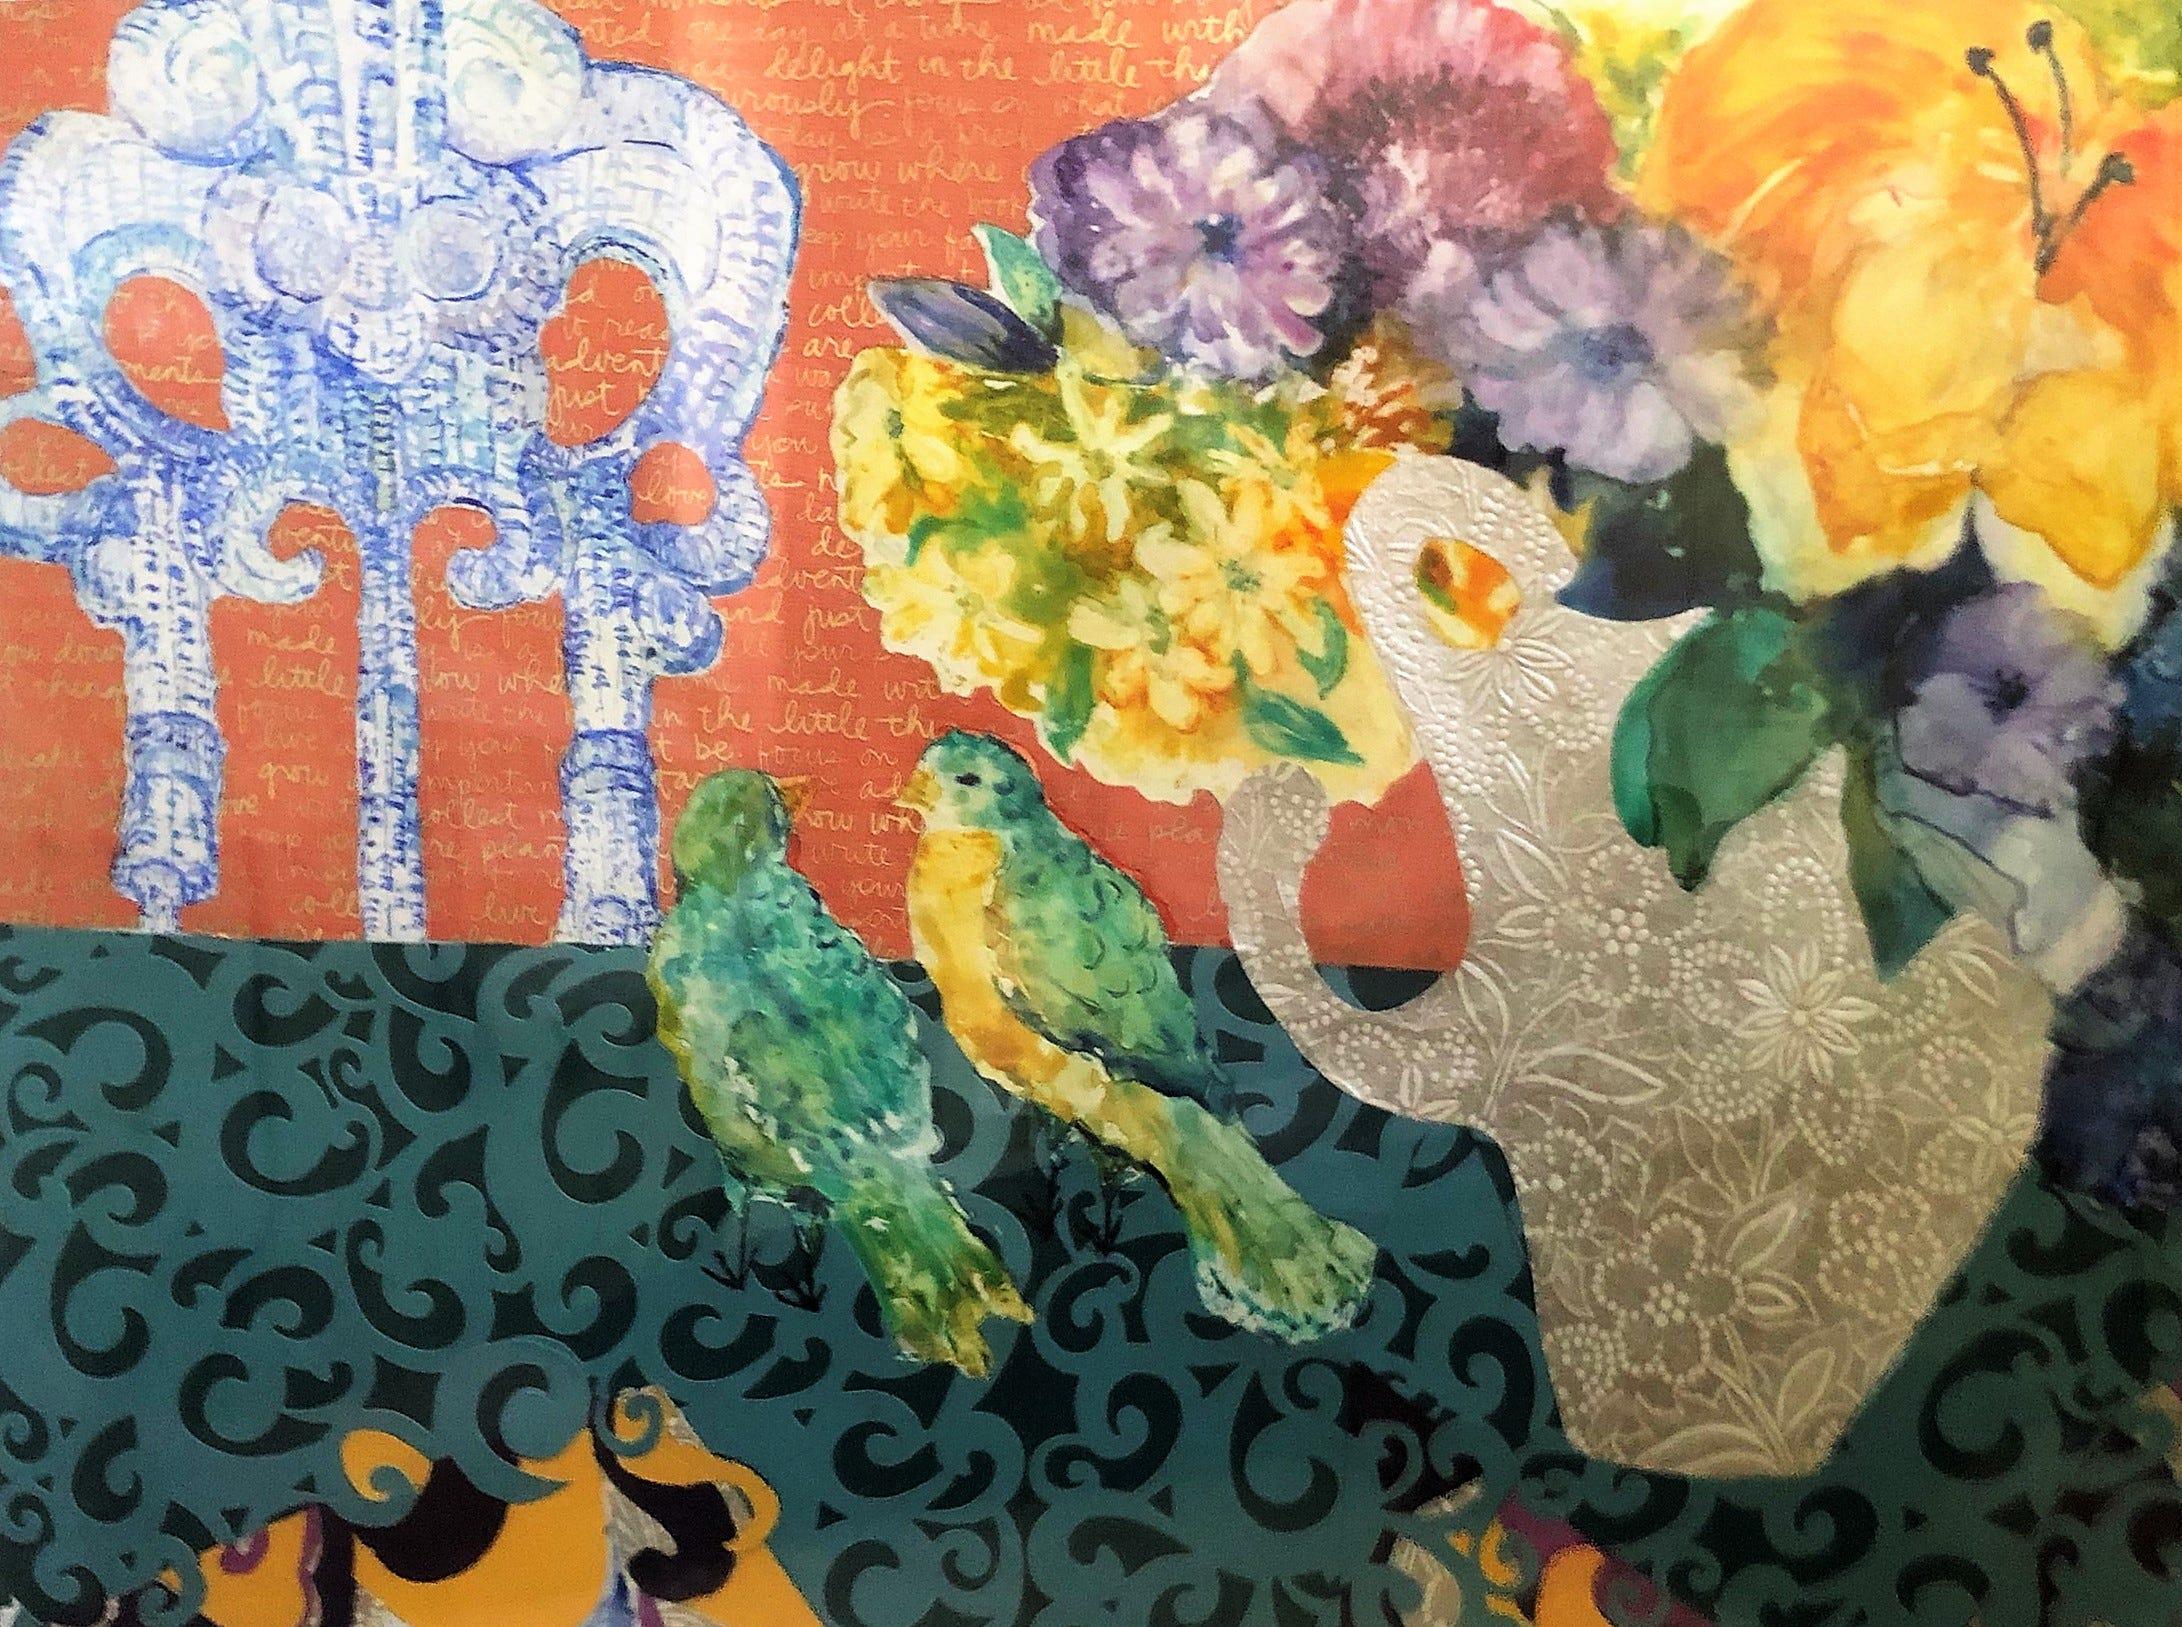 Work by Cheryl Sachs in La Petite Gallerie